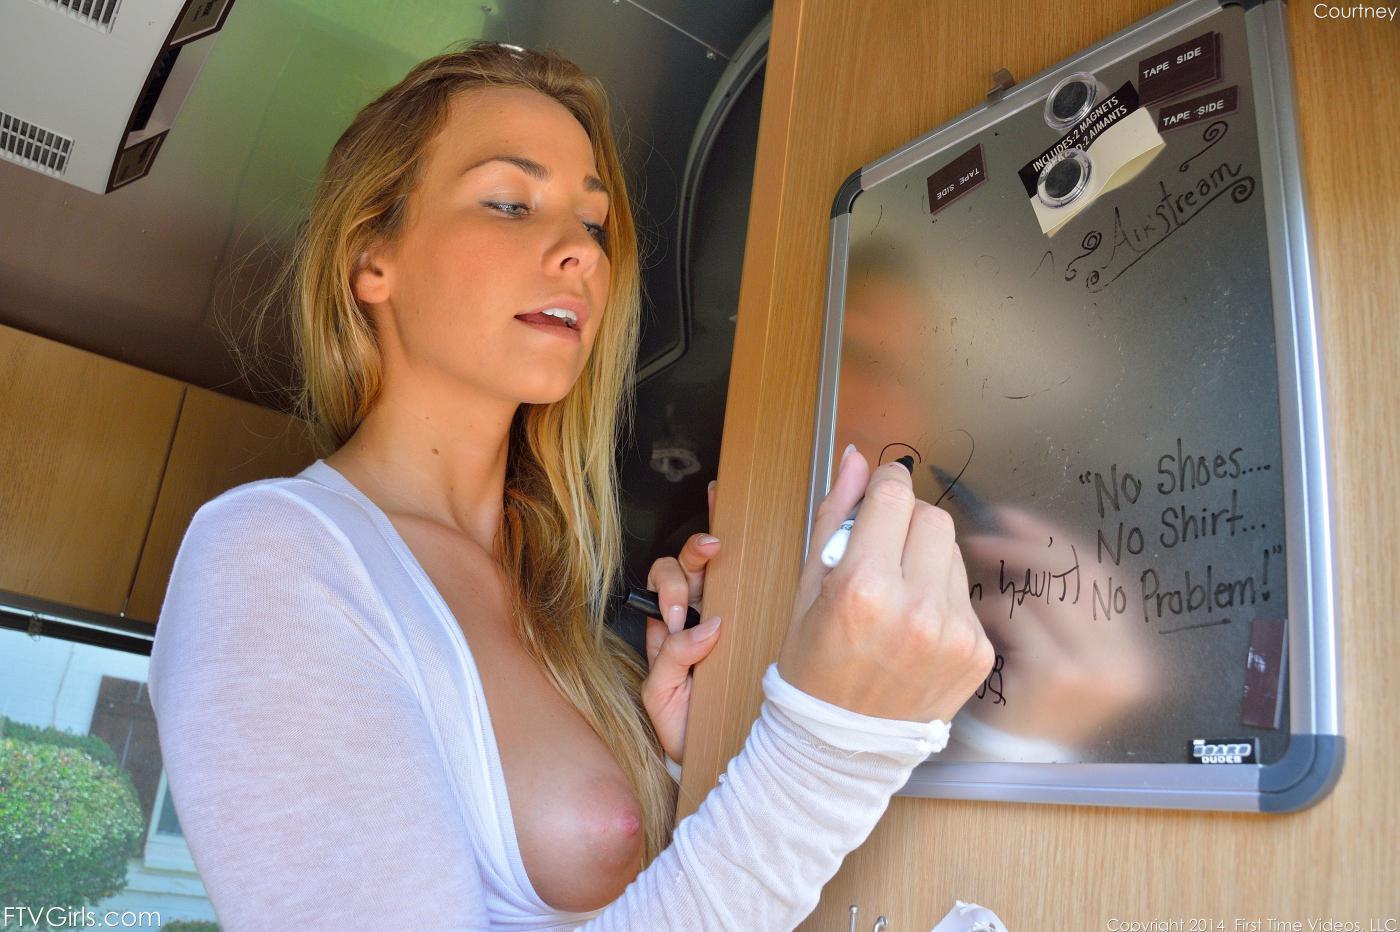 Классная блондиночка Courtney Dillon снимается в подвязках, а потом дразнит своим раздетым торсом